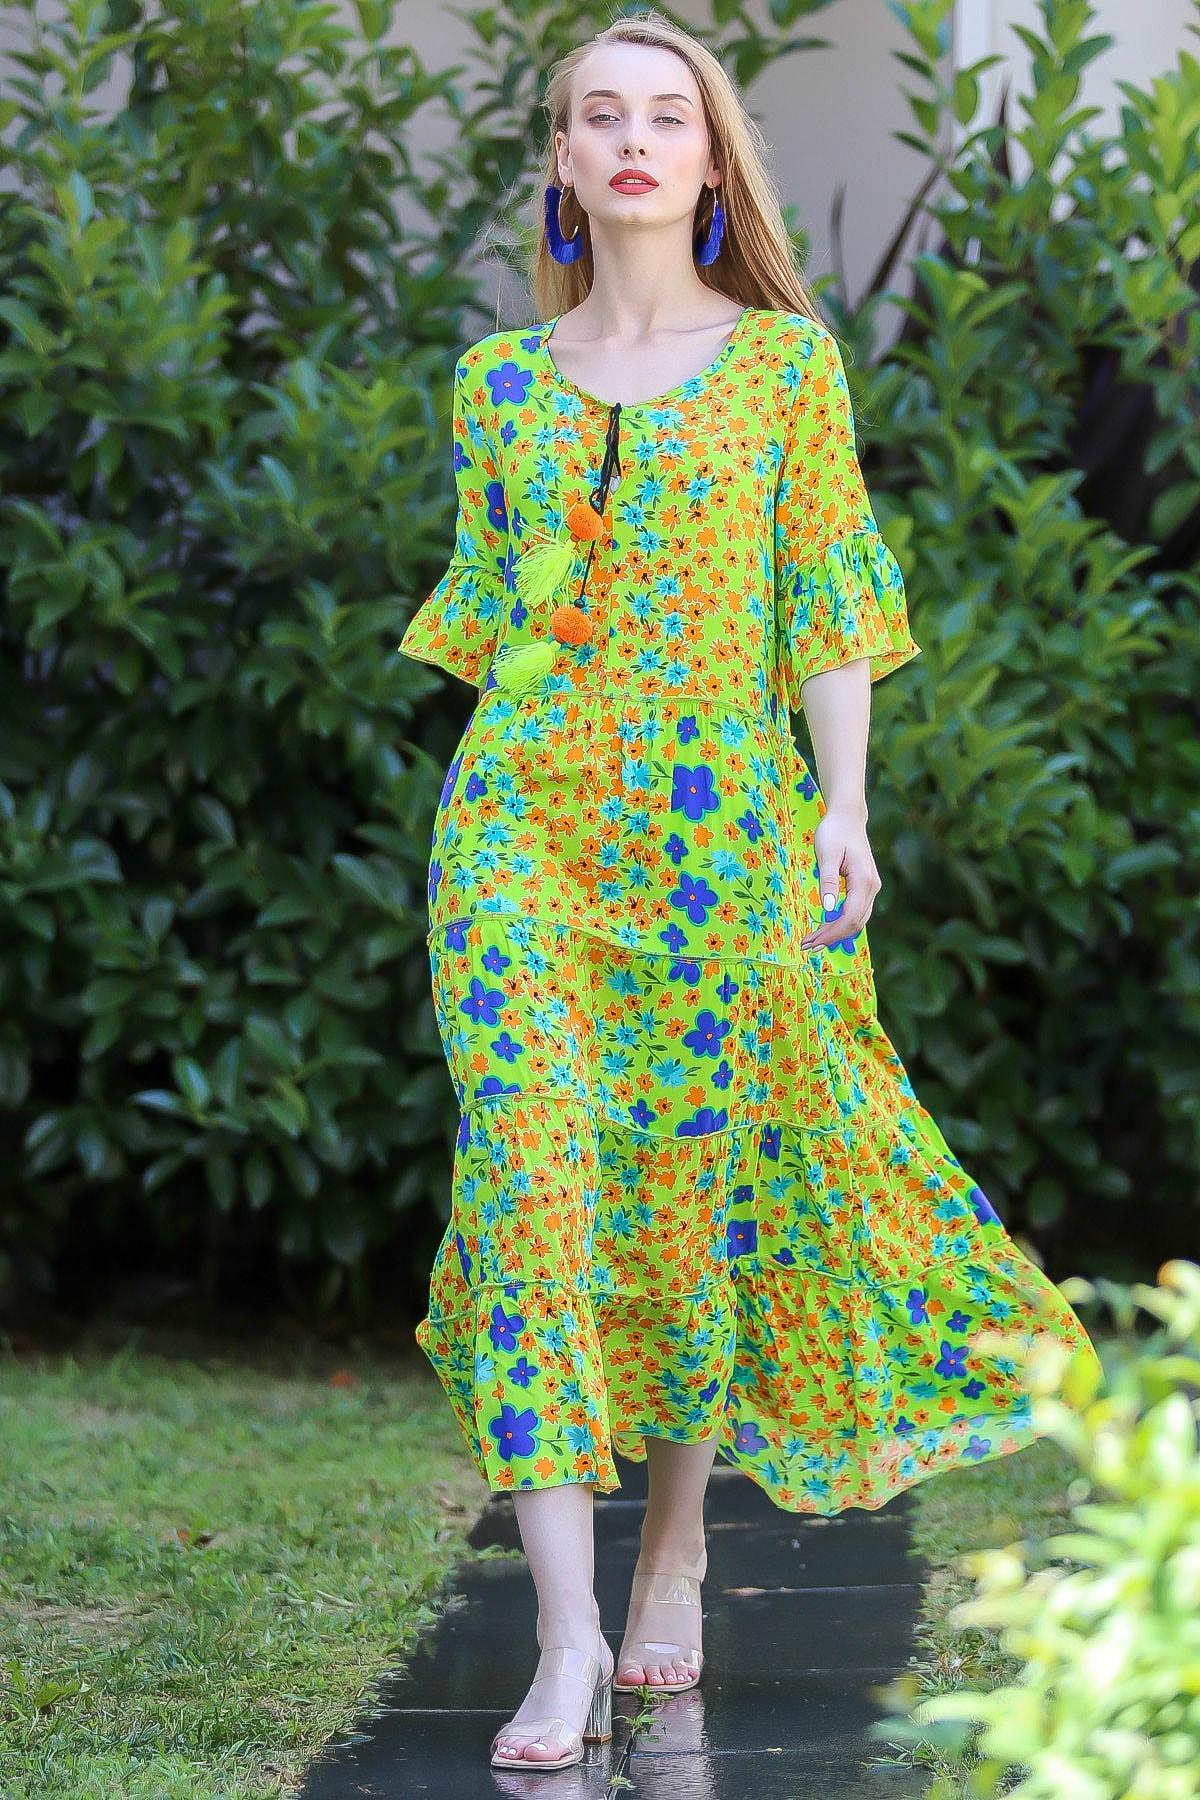 Chiccy Kadın Yeşil Bohem Çıtır Çiçek Desenli El Işi Püskül Detaylı Salaş Elbise M10160000El96565 1